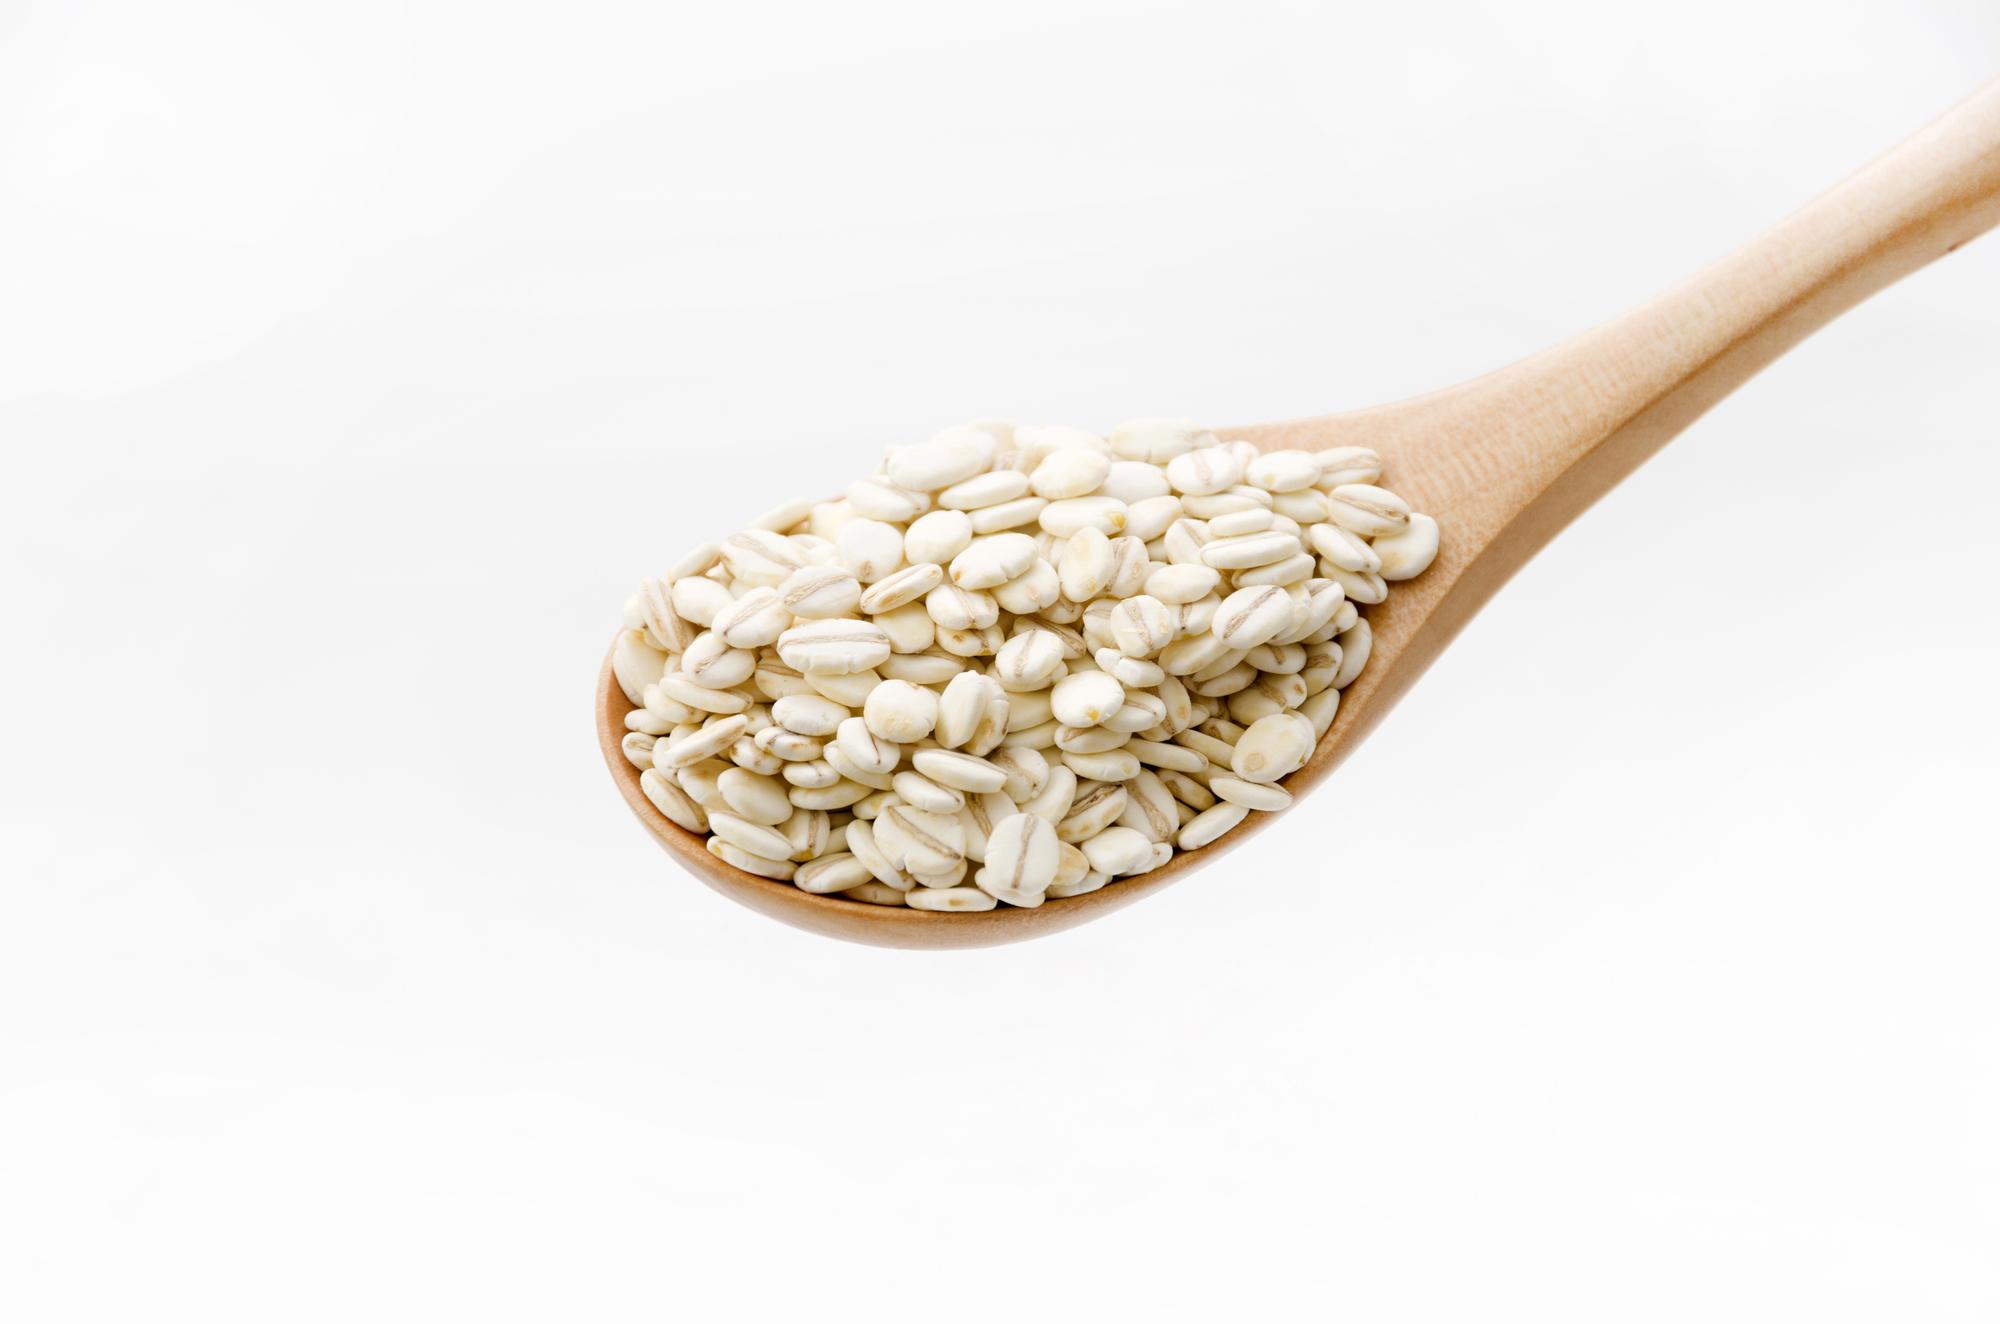 押し麦の魅力について